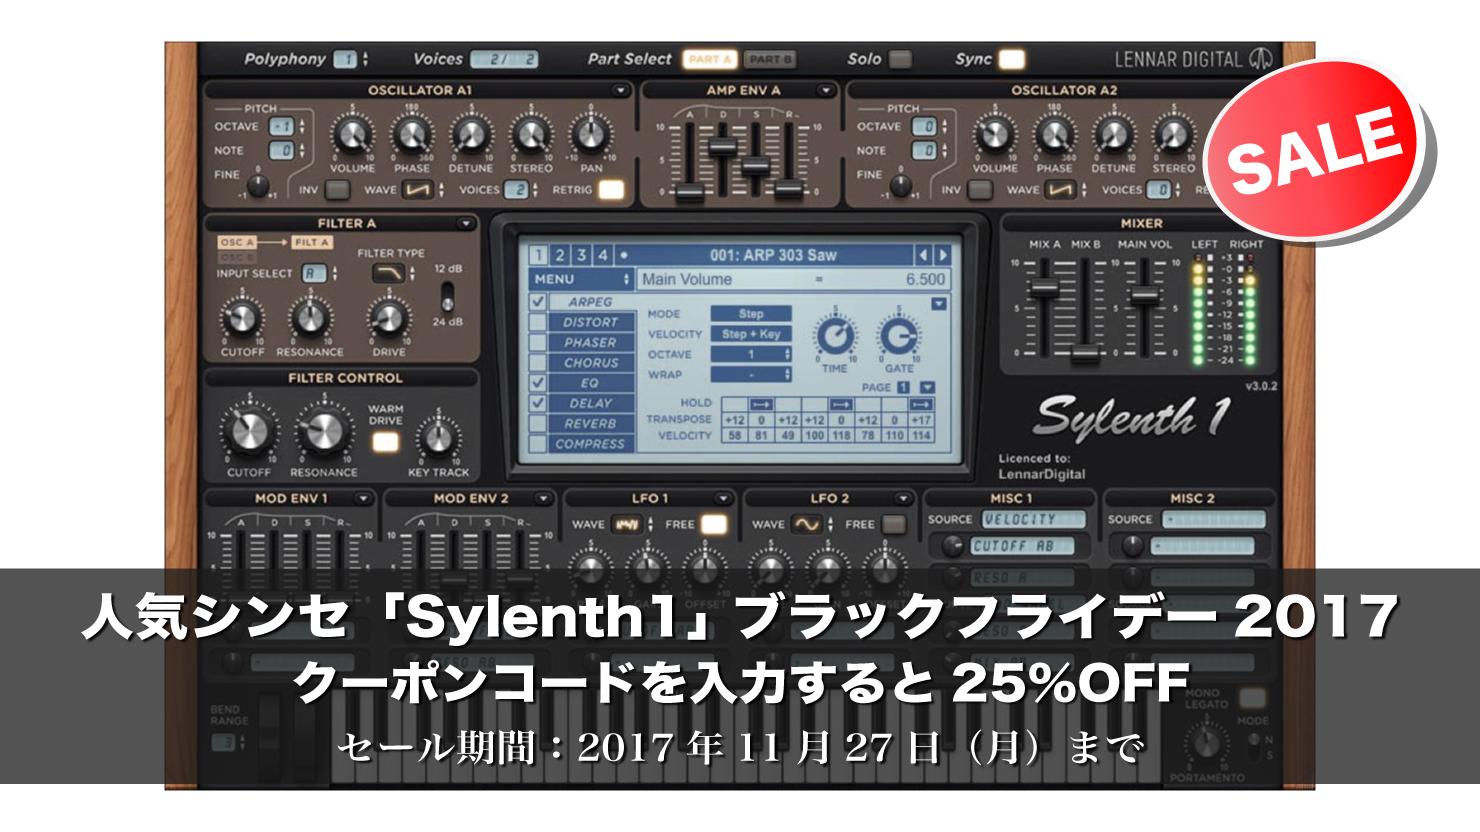 人気のシンセ「Sylenth1」がブラックフライデーセールで25%OFF!